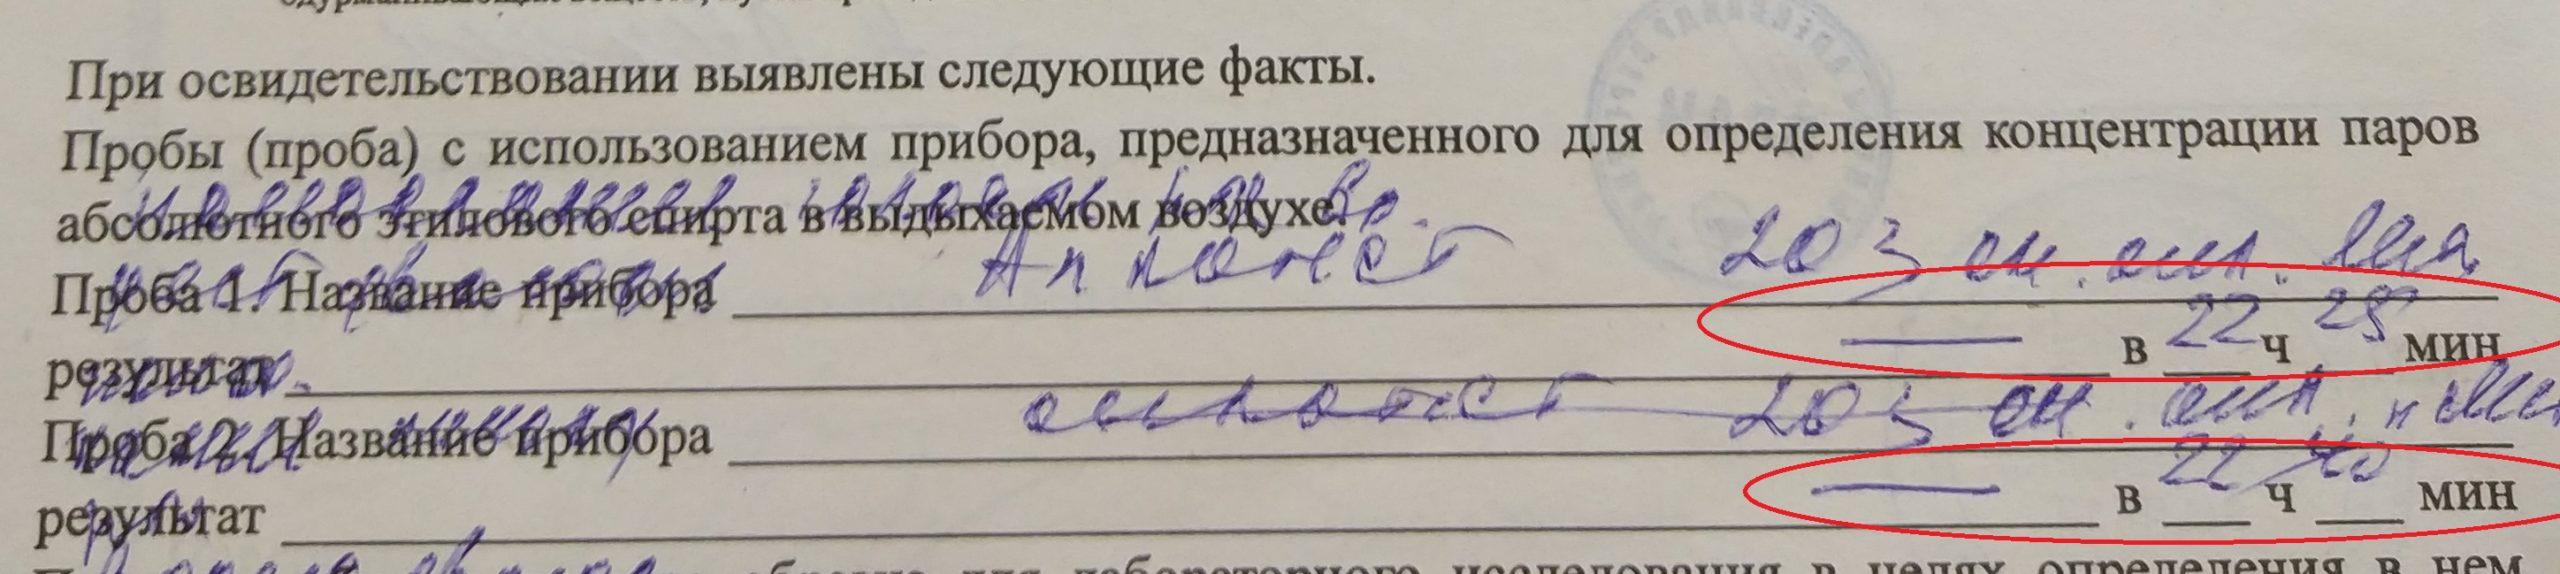 18.16 ч.3 КоАП пробы алкотестера 203